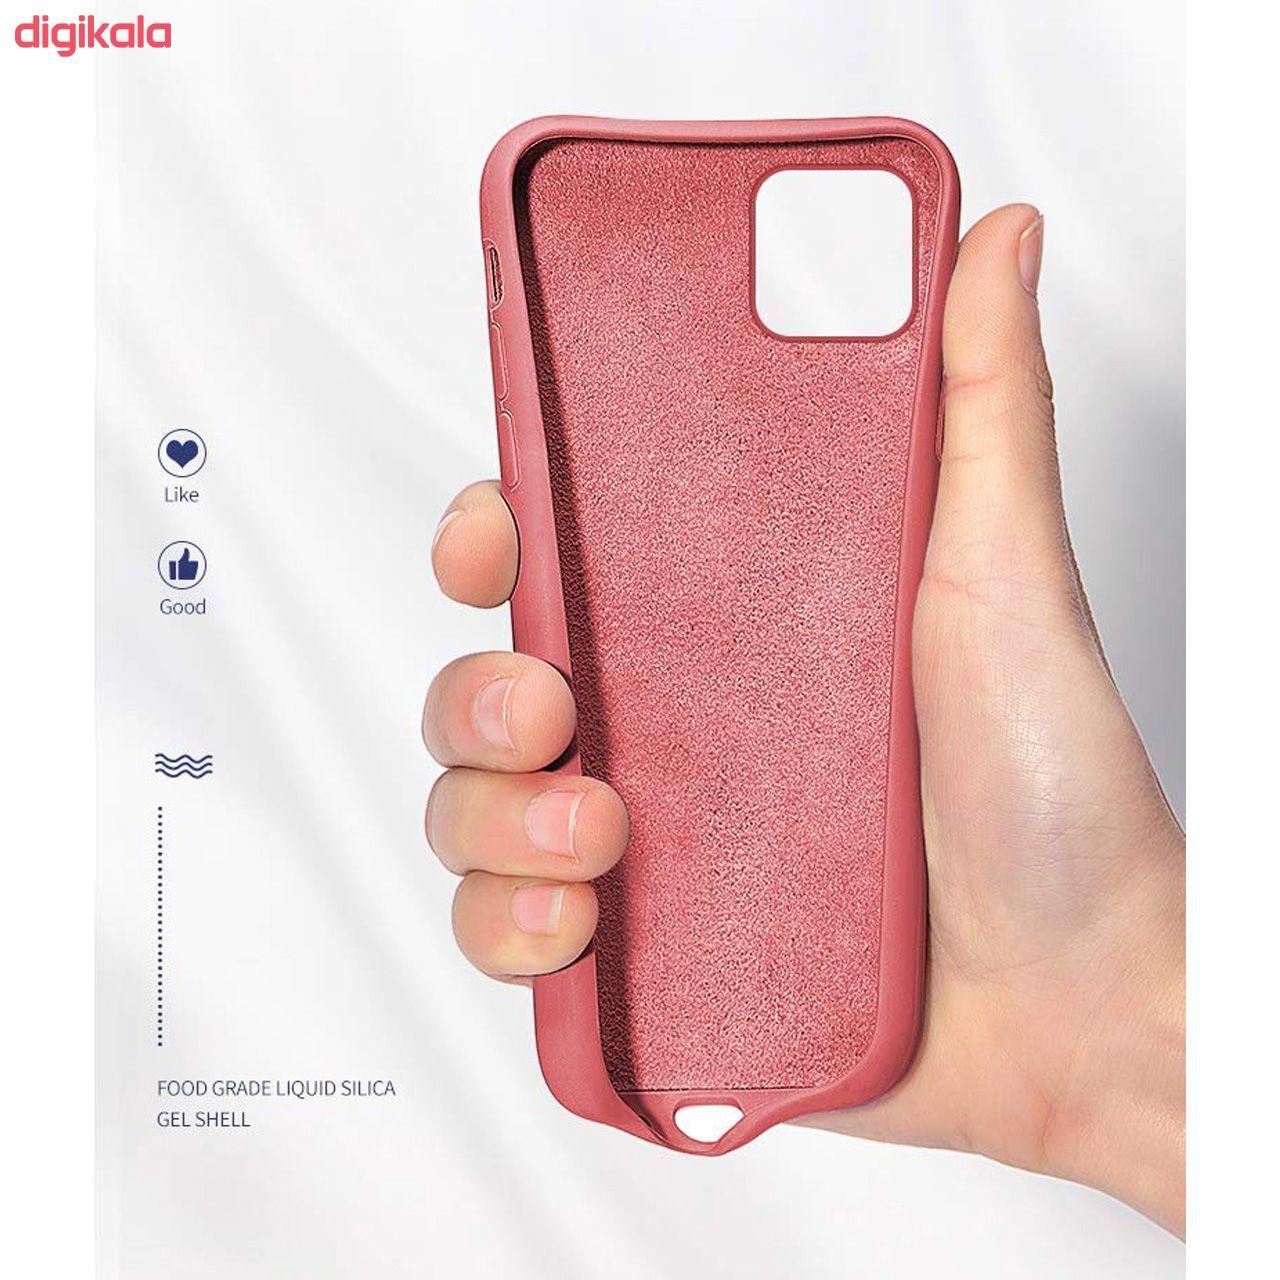 کاور وی کیس مدل Si01 مناسب برای گوشی موبایل اپل iPhone 11 Pro main 1 4